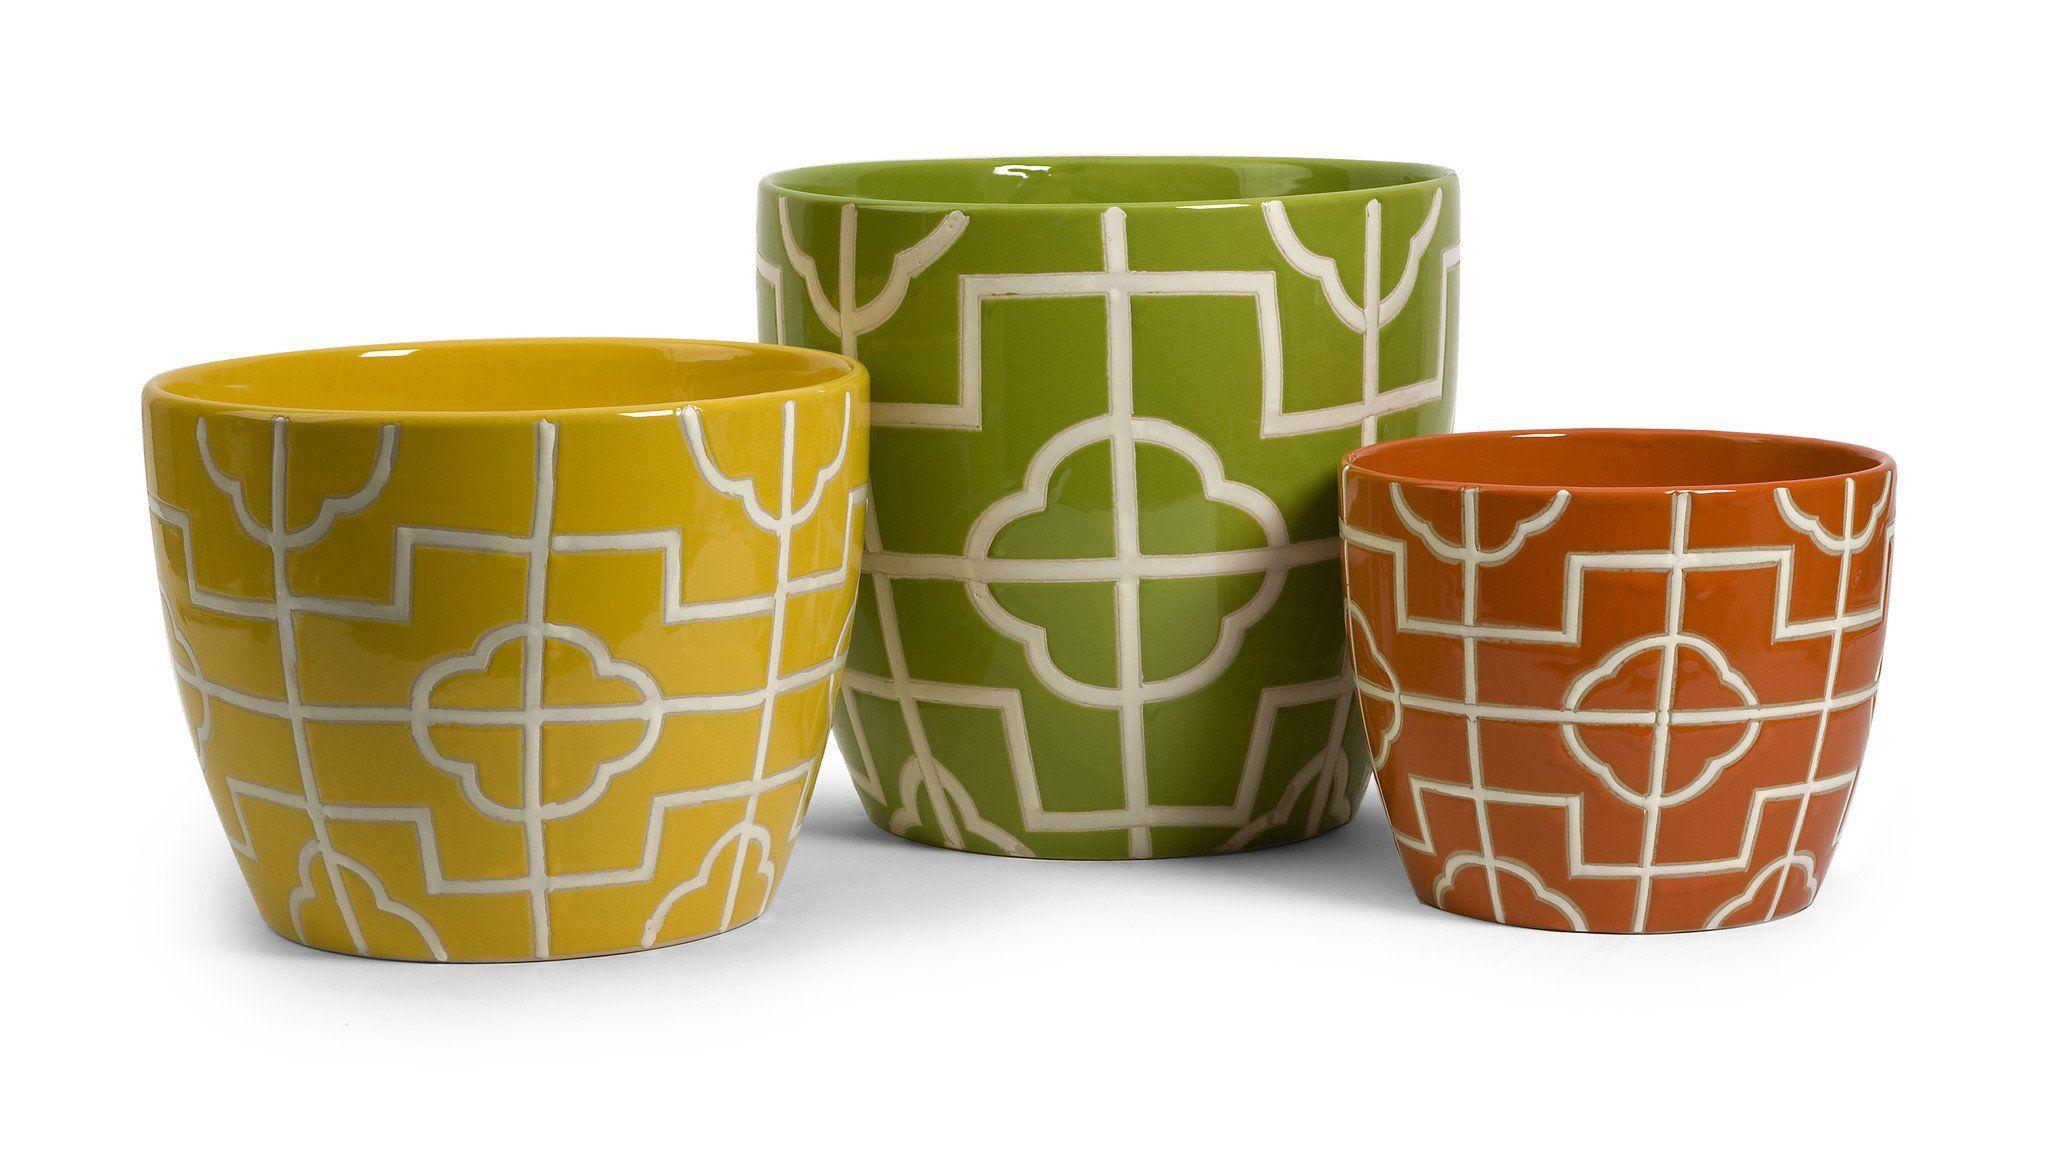 Imax 25105-3 Ceramic Ellis Graphic Planters - Set of 3